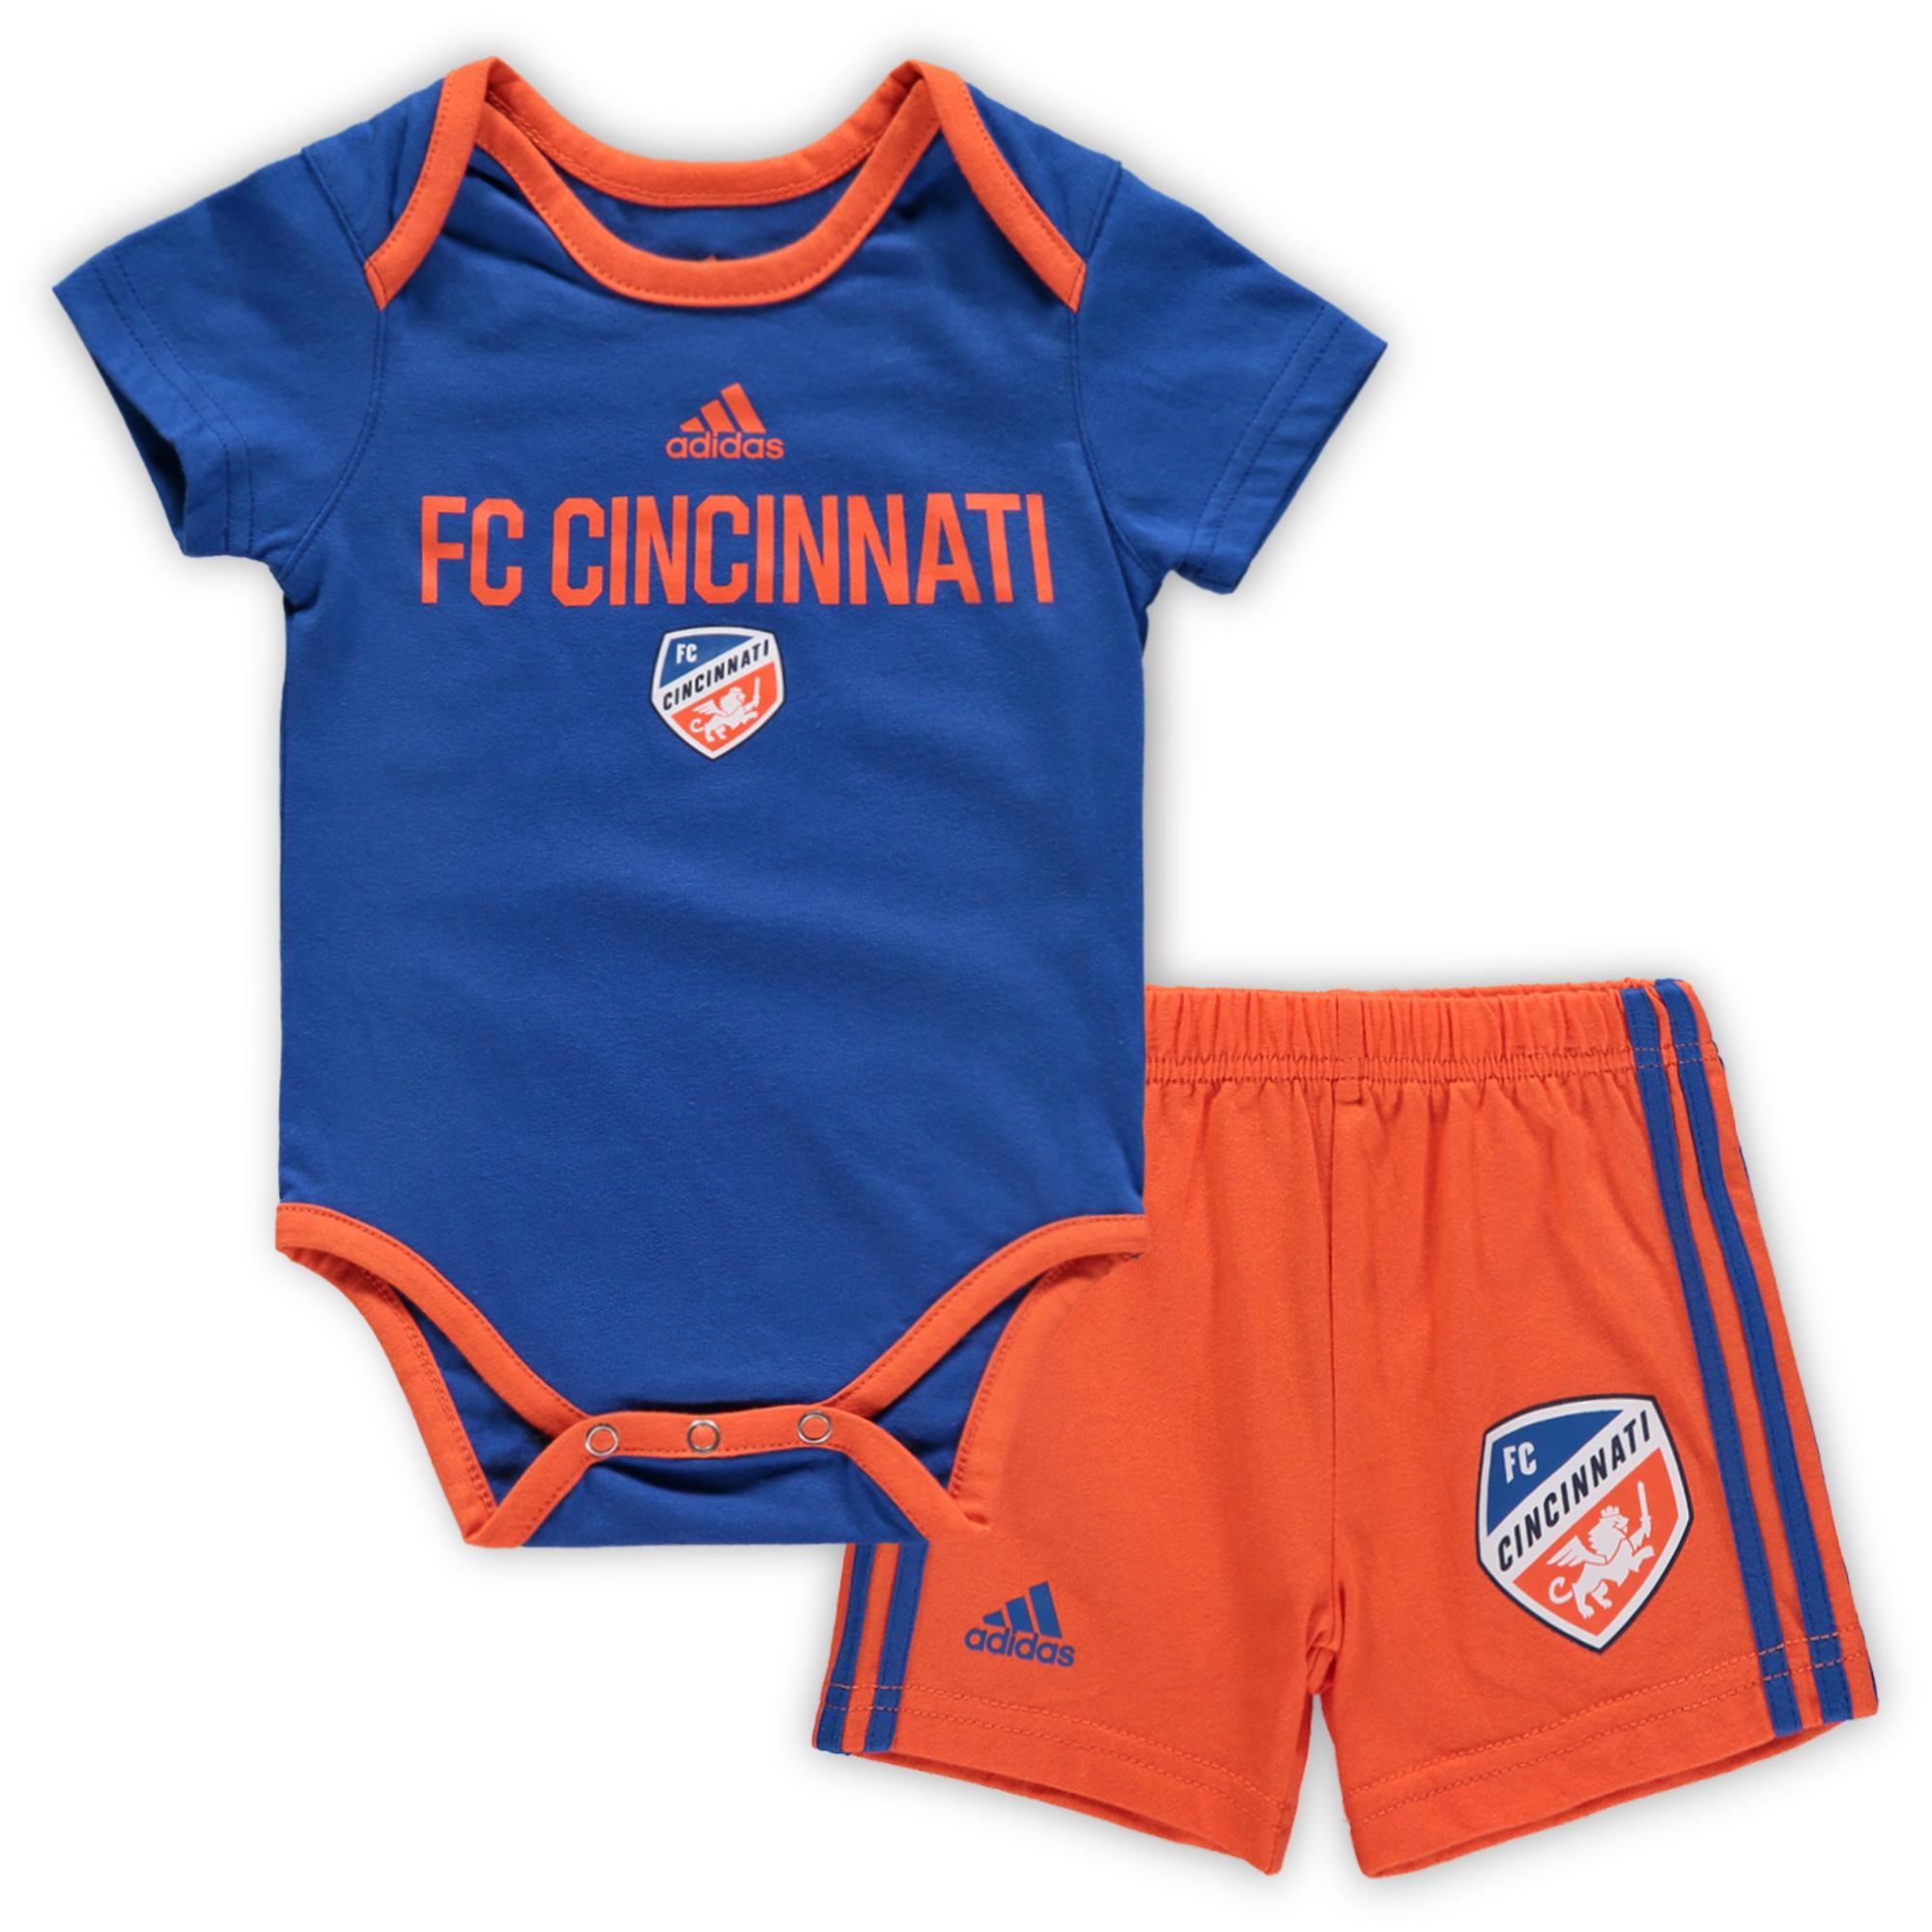 FC Cincinnati Newborn Bodysuit/Shorts Set - Royal/Orange